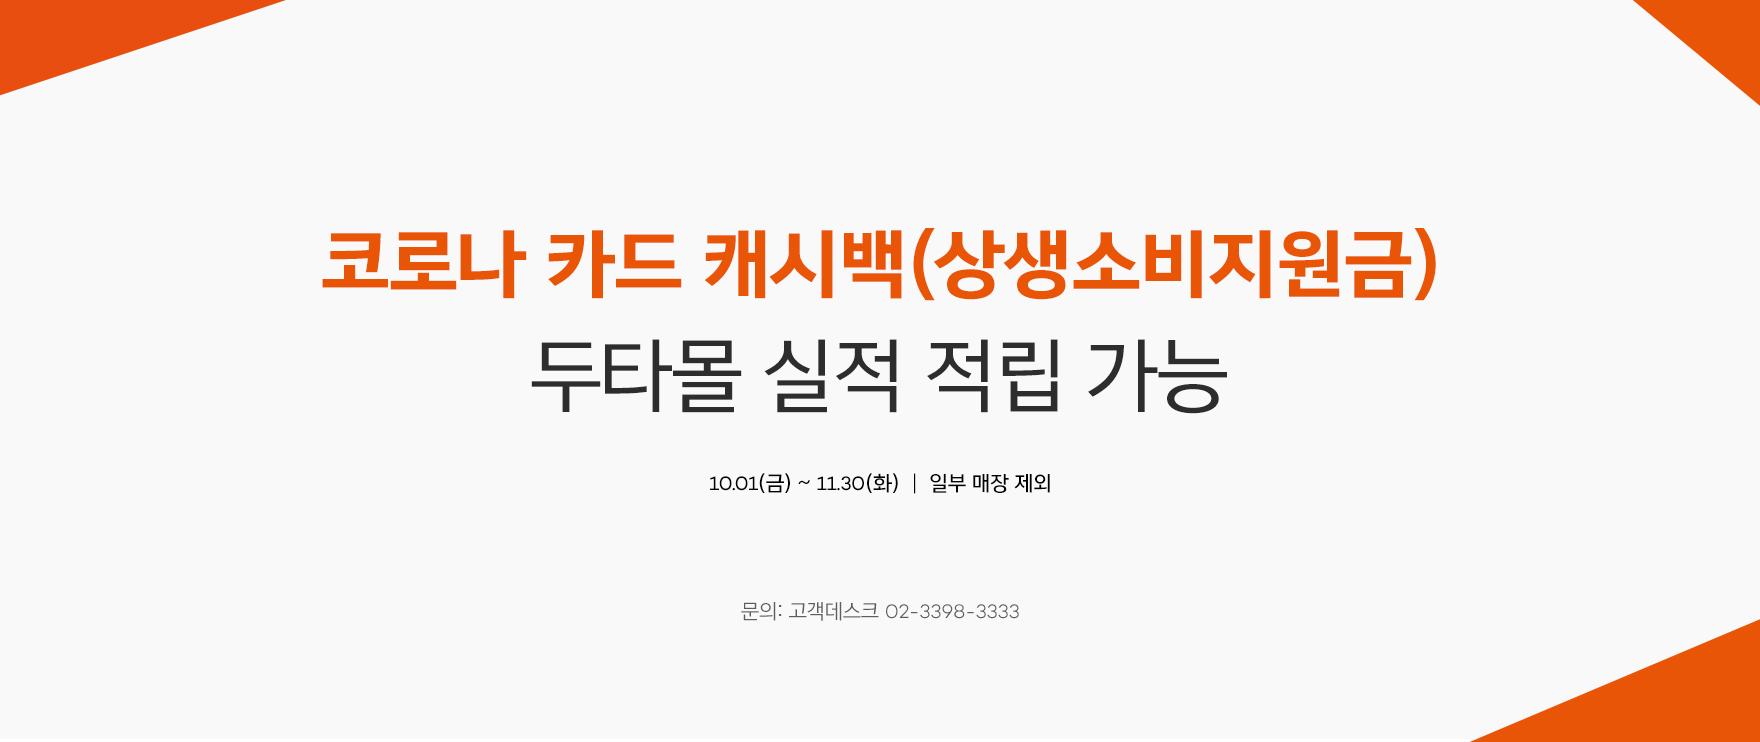 코로나 카드 캐시백(상생소비지원금) 안내 (10.1~11.30)